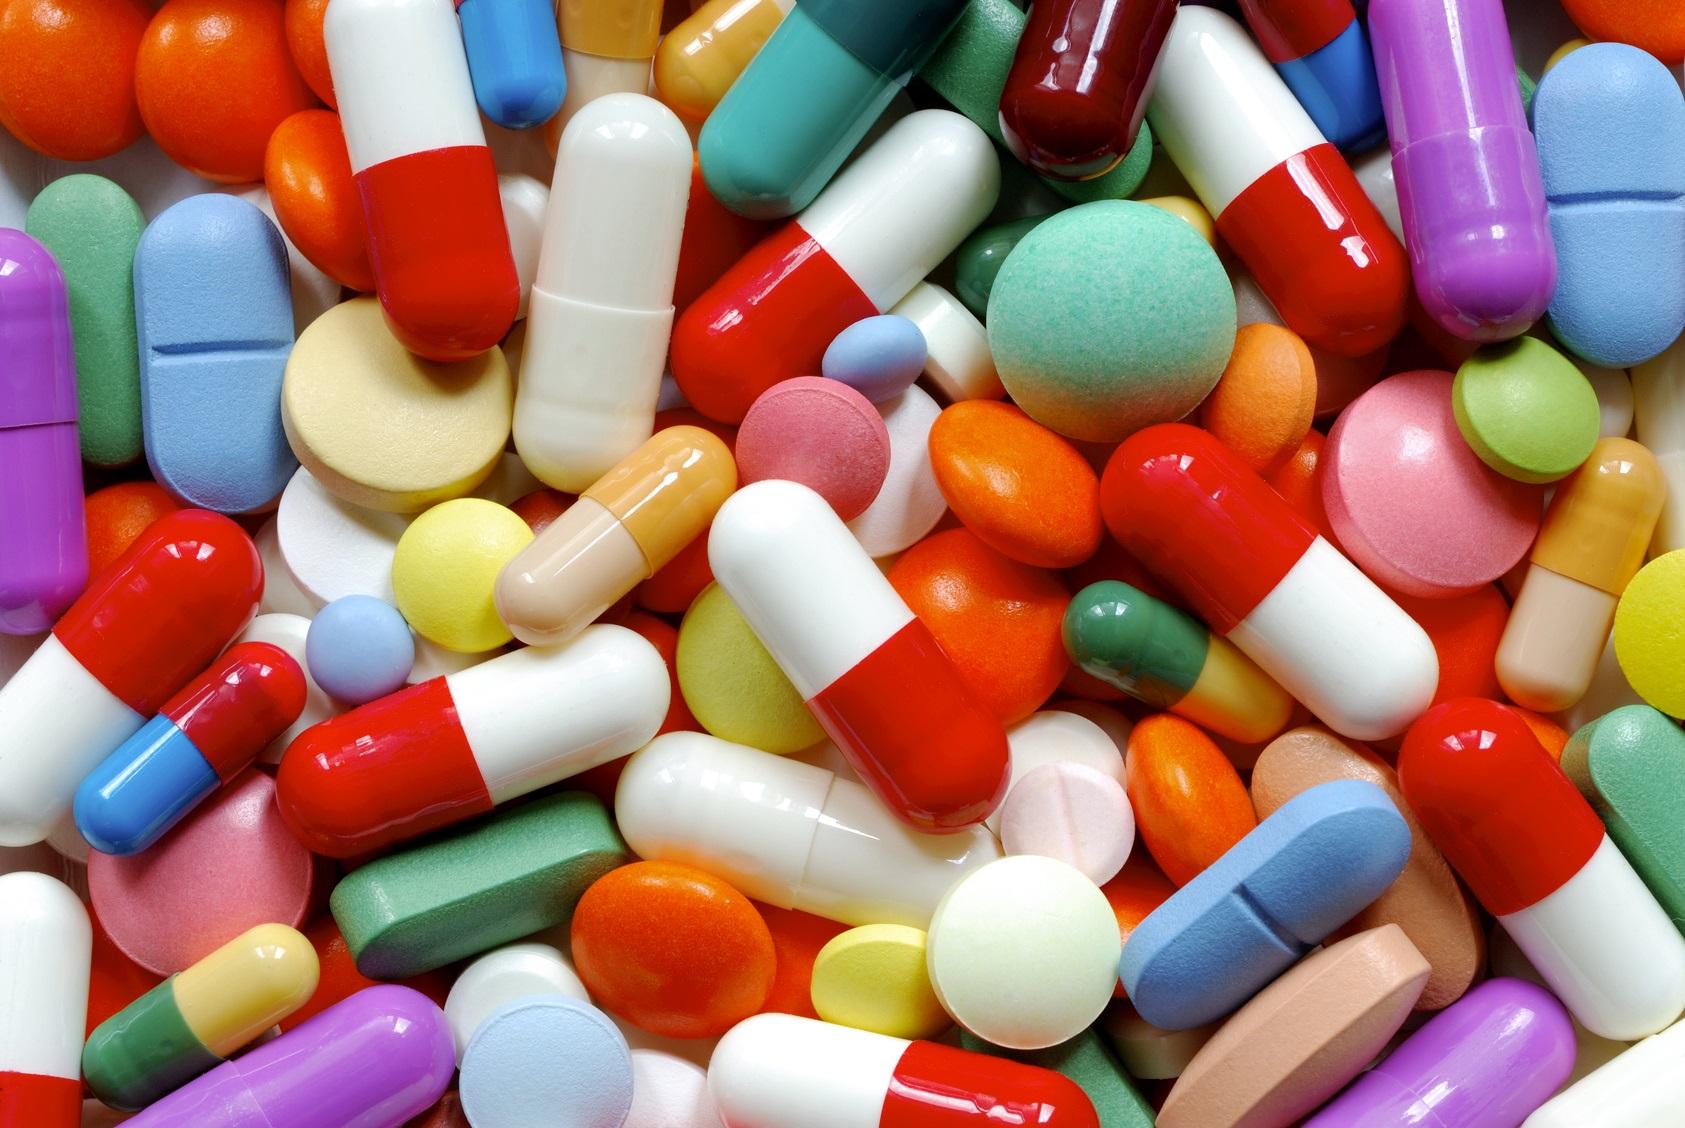 ¿Sabías que los antibióticos comunes pueden provocar problemas cardíacos?